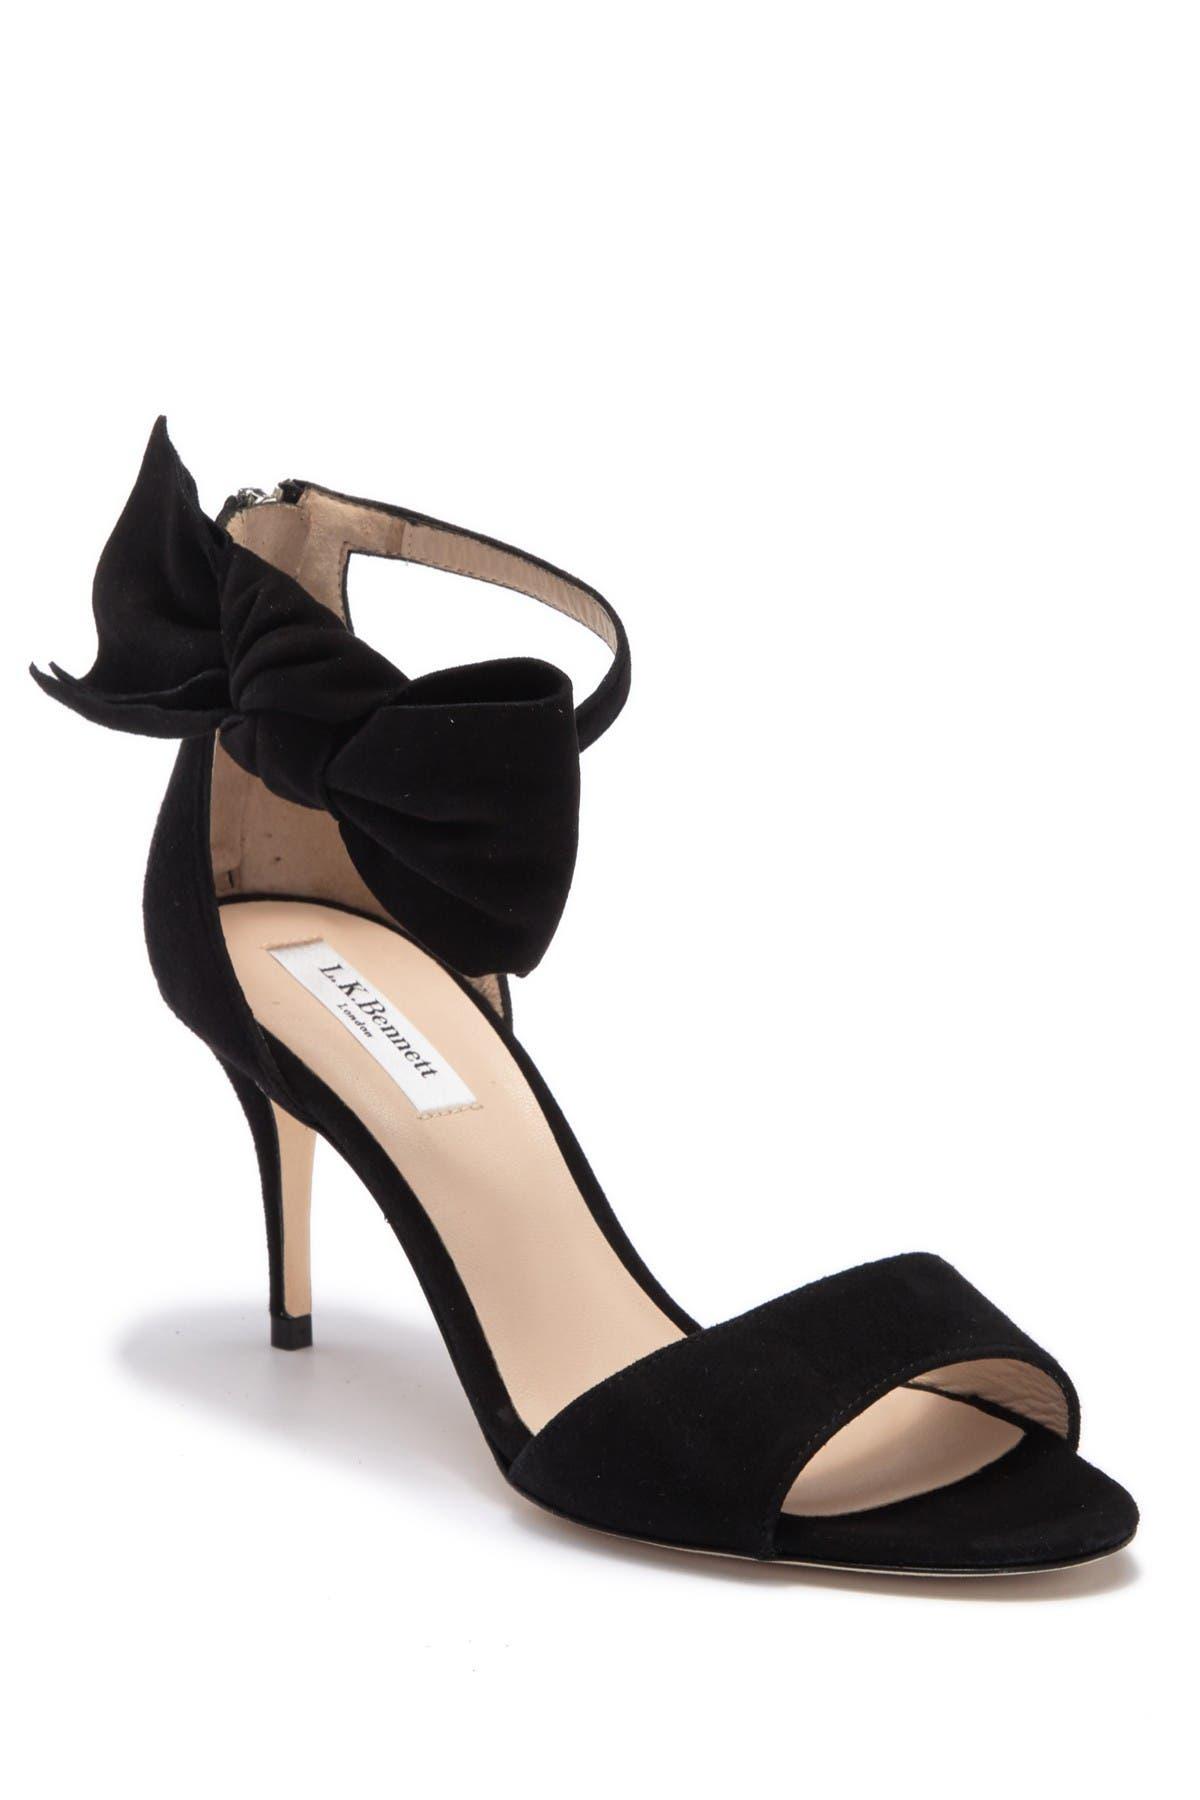 Image of L.K. Bennett Agata Ankle Tie Sandal